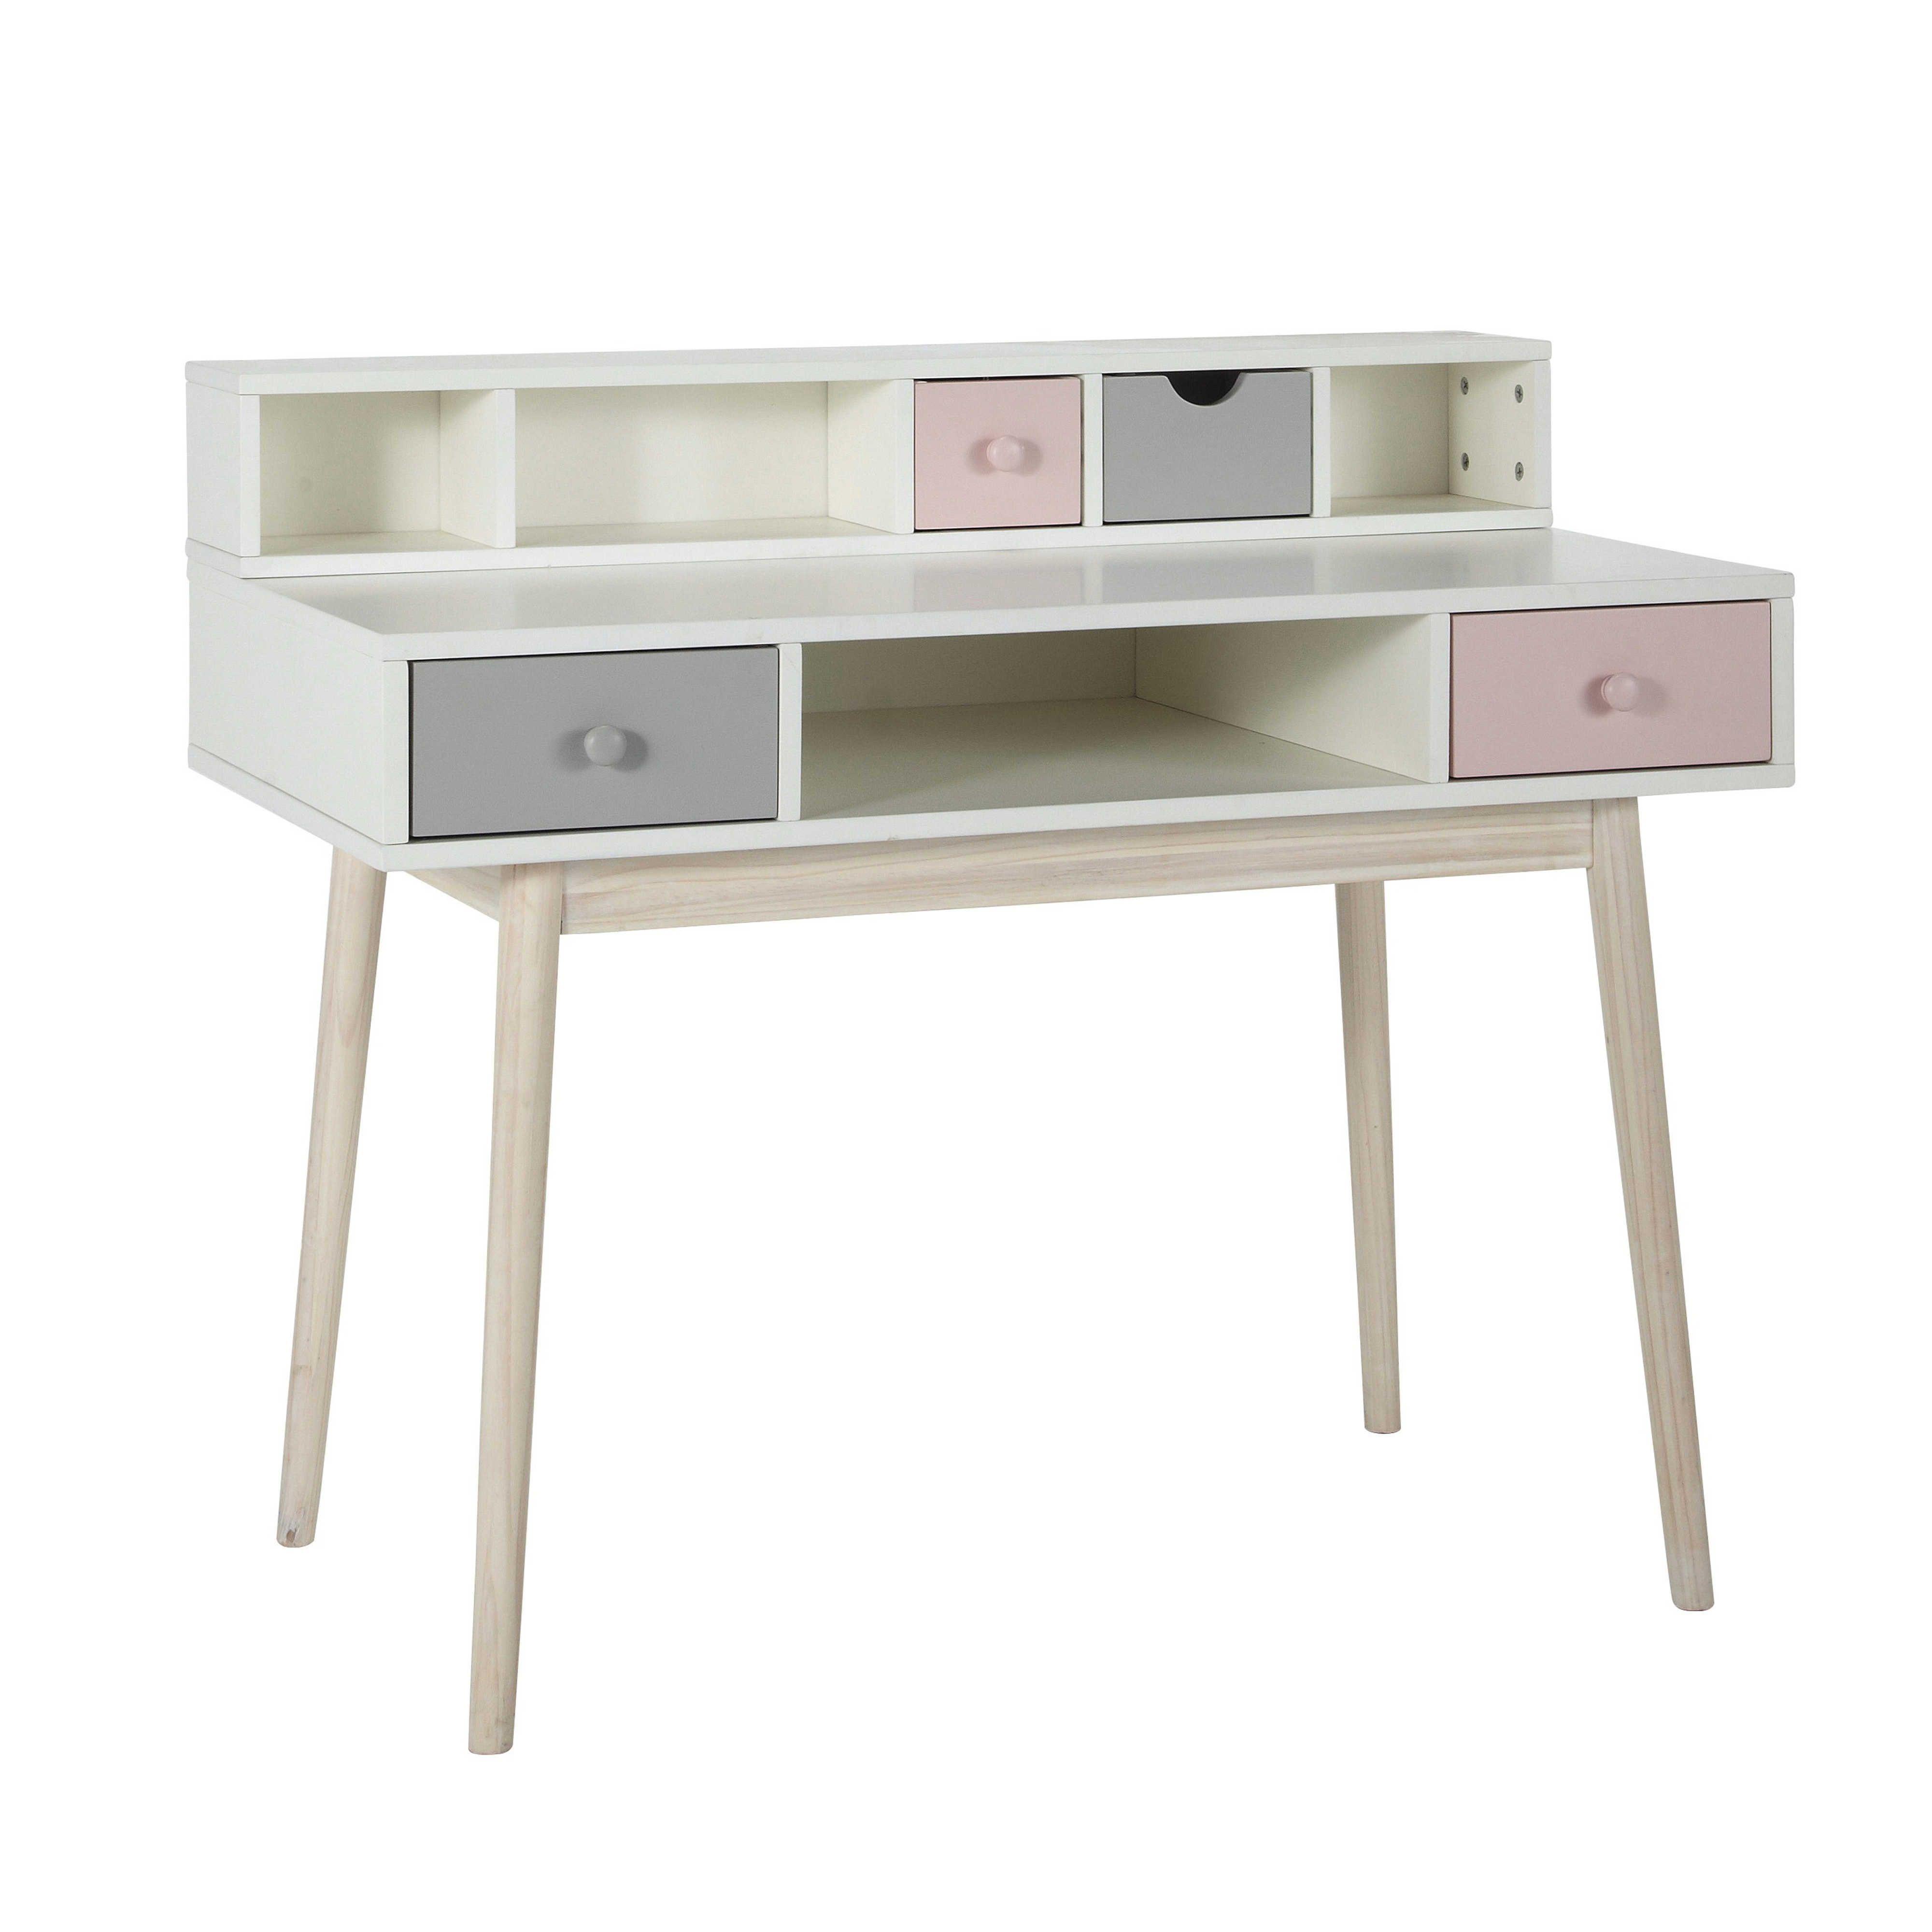 Module De Rangement Pour Bureau 2 Tiroirs Rose Et Gris Tiroirs Gris Rangement In 2020 Vintage White Desk Desks For Small Spaces Bedroom Desk